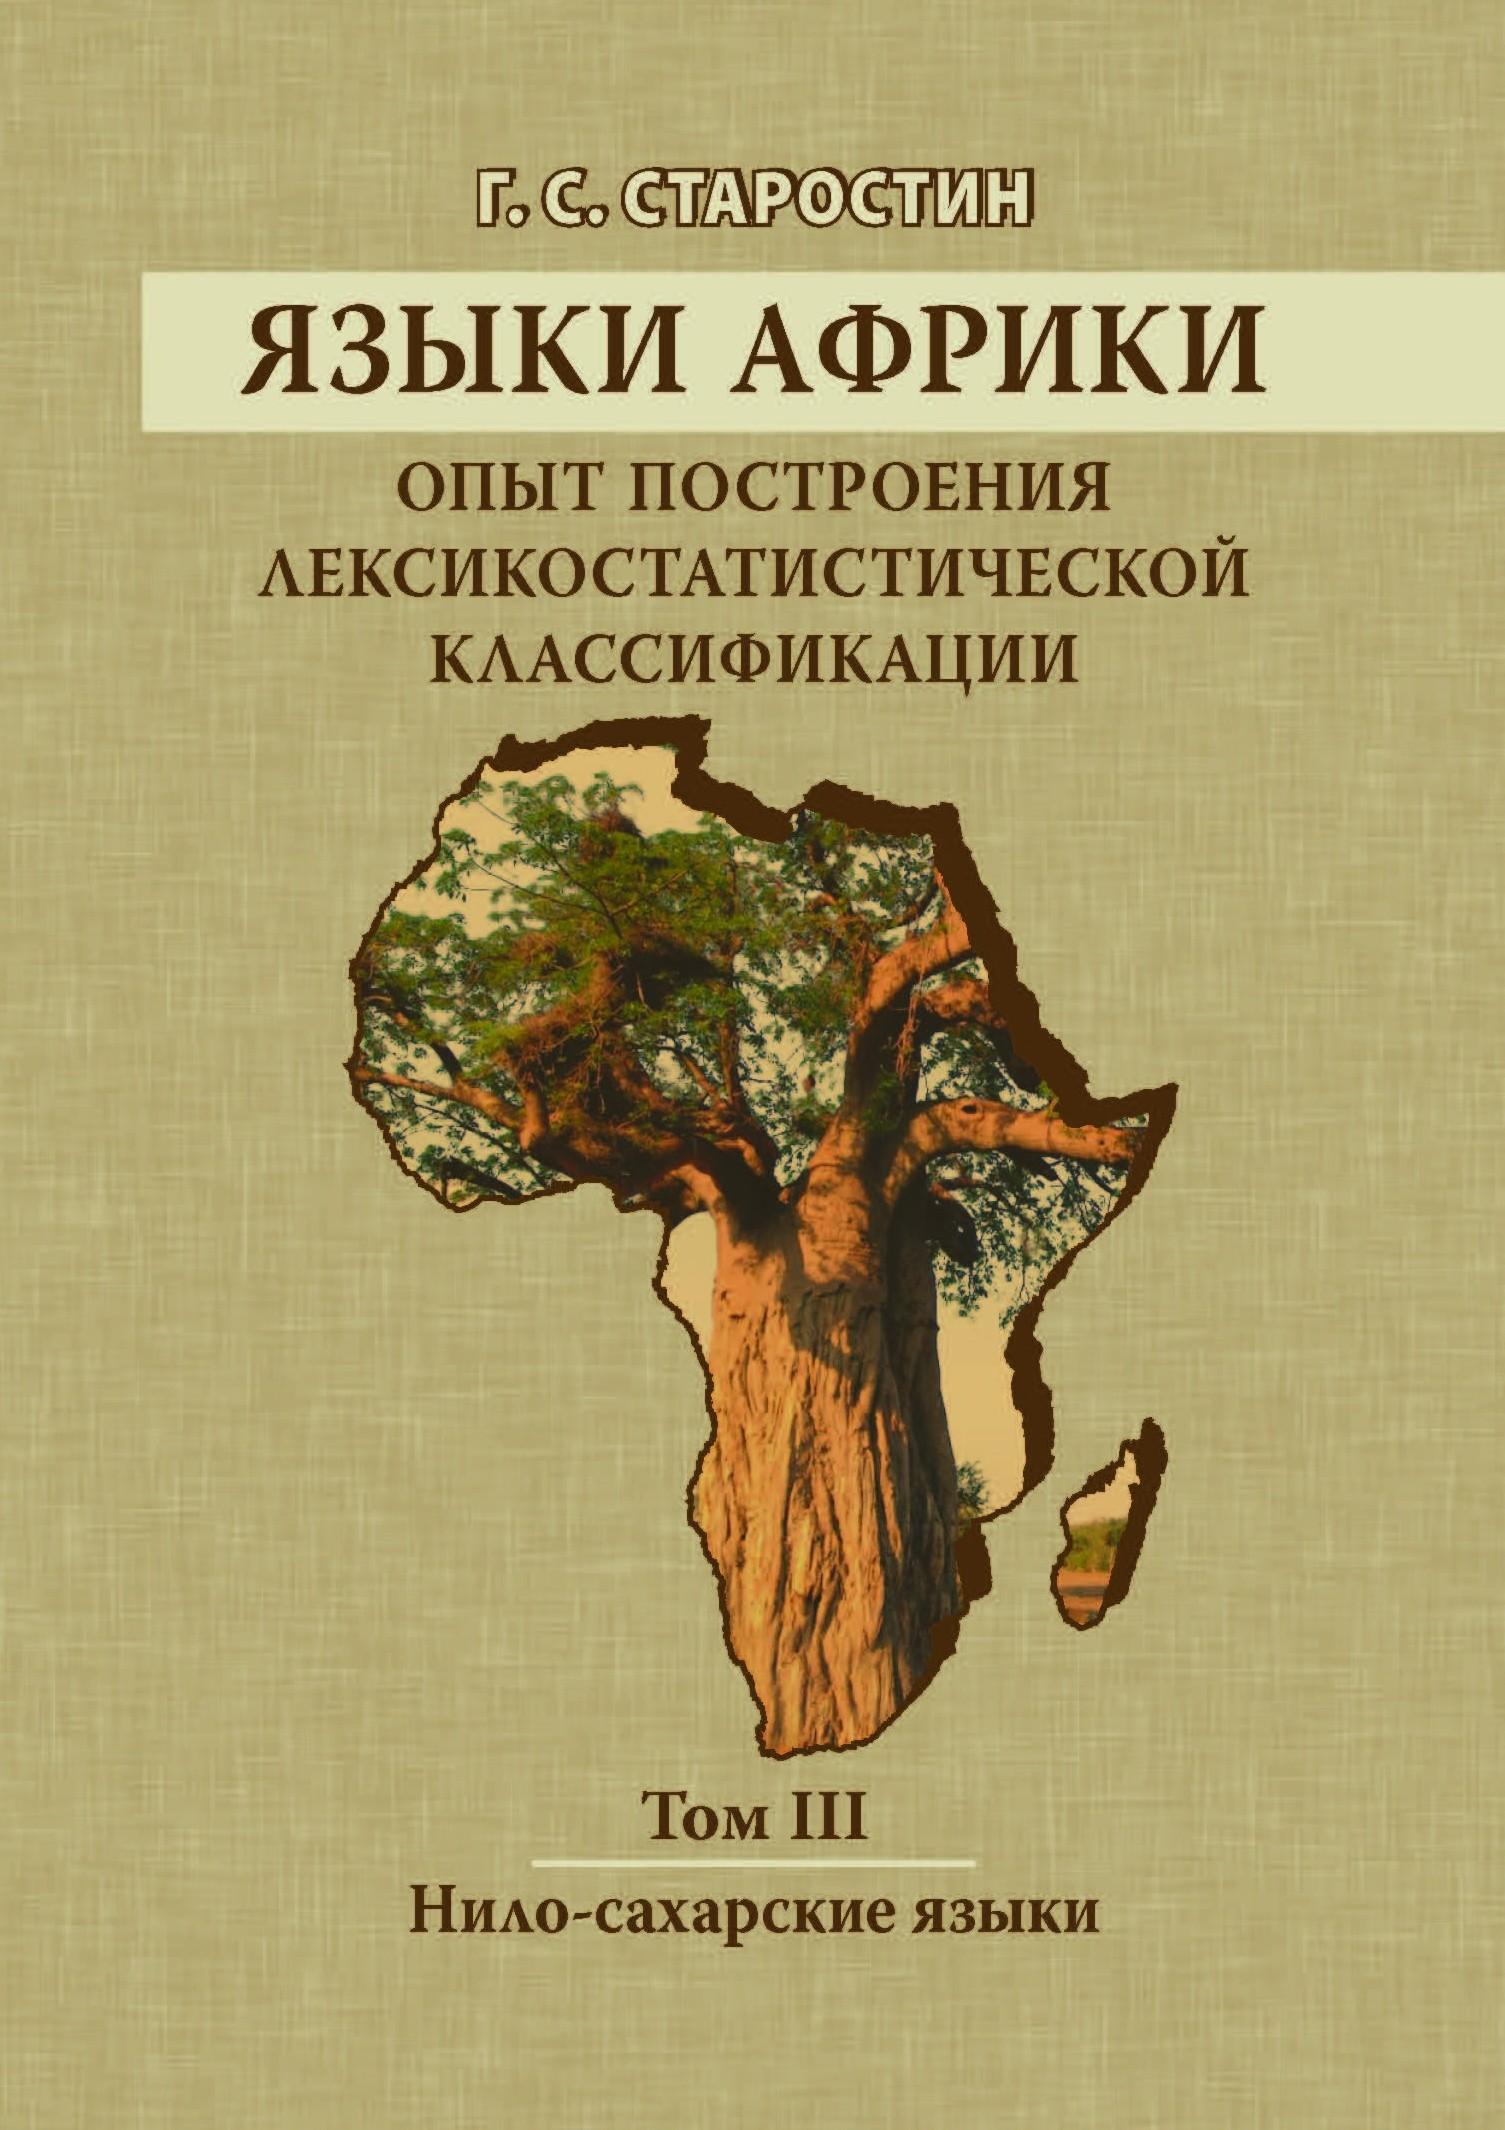 Языки Африки: опыт построения лексикостатистической классификации. Том III: Нило-сахарские языки.